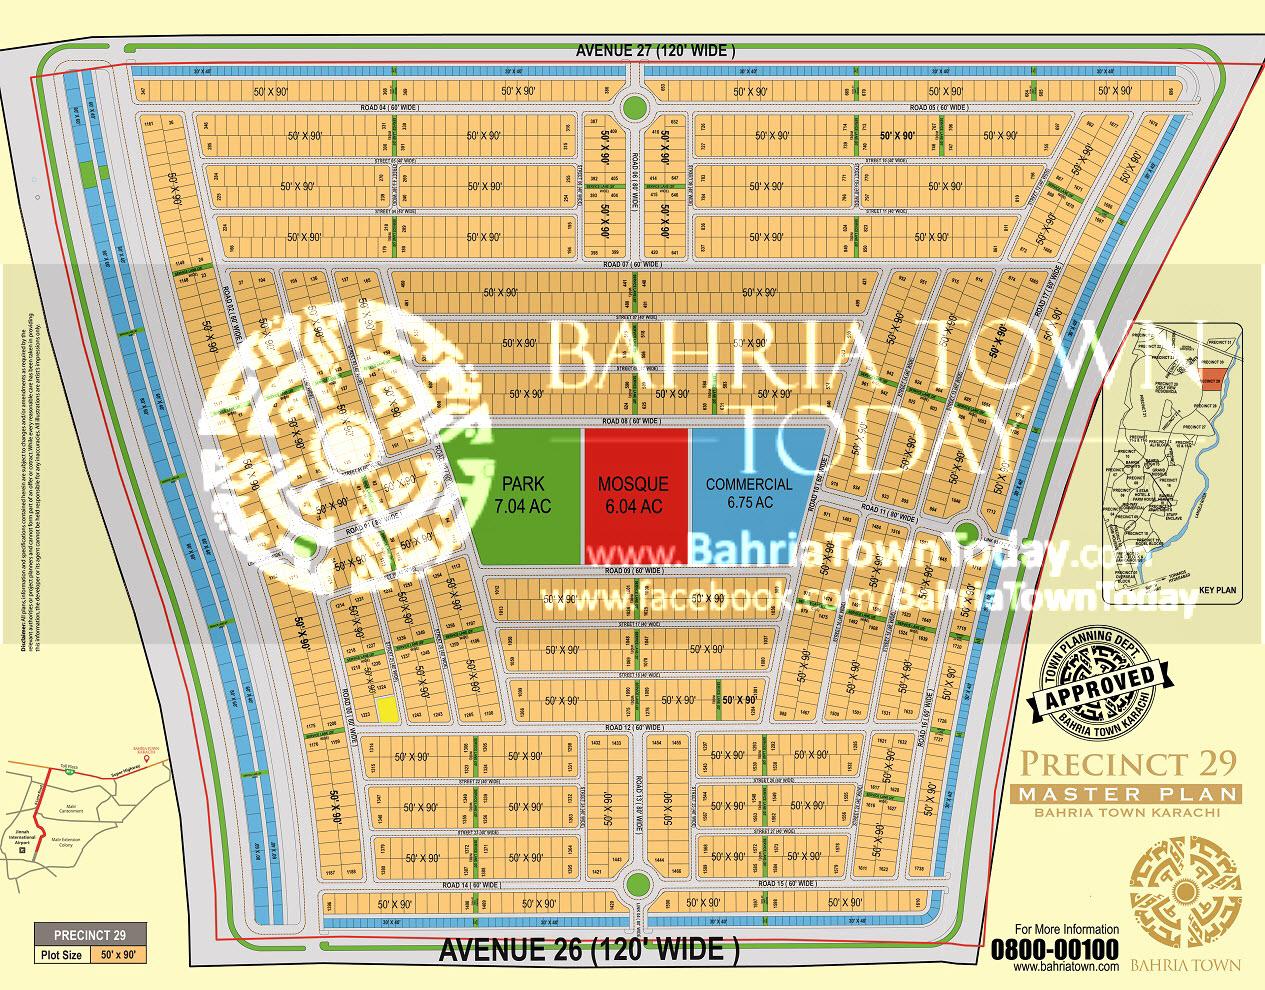 Bahria Town Karachi – Precinct 29 High Resolution Map